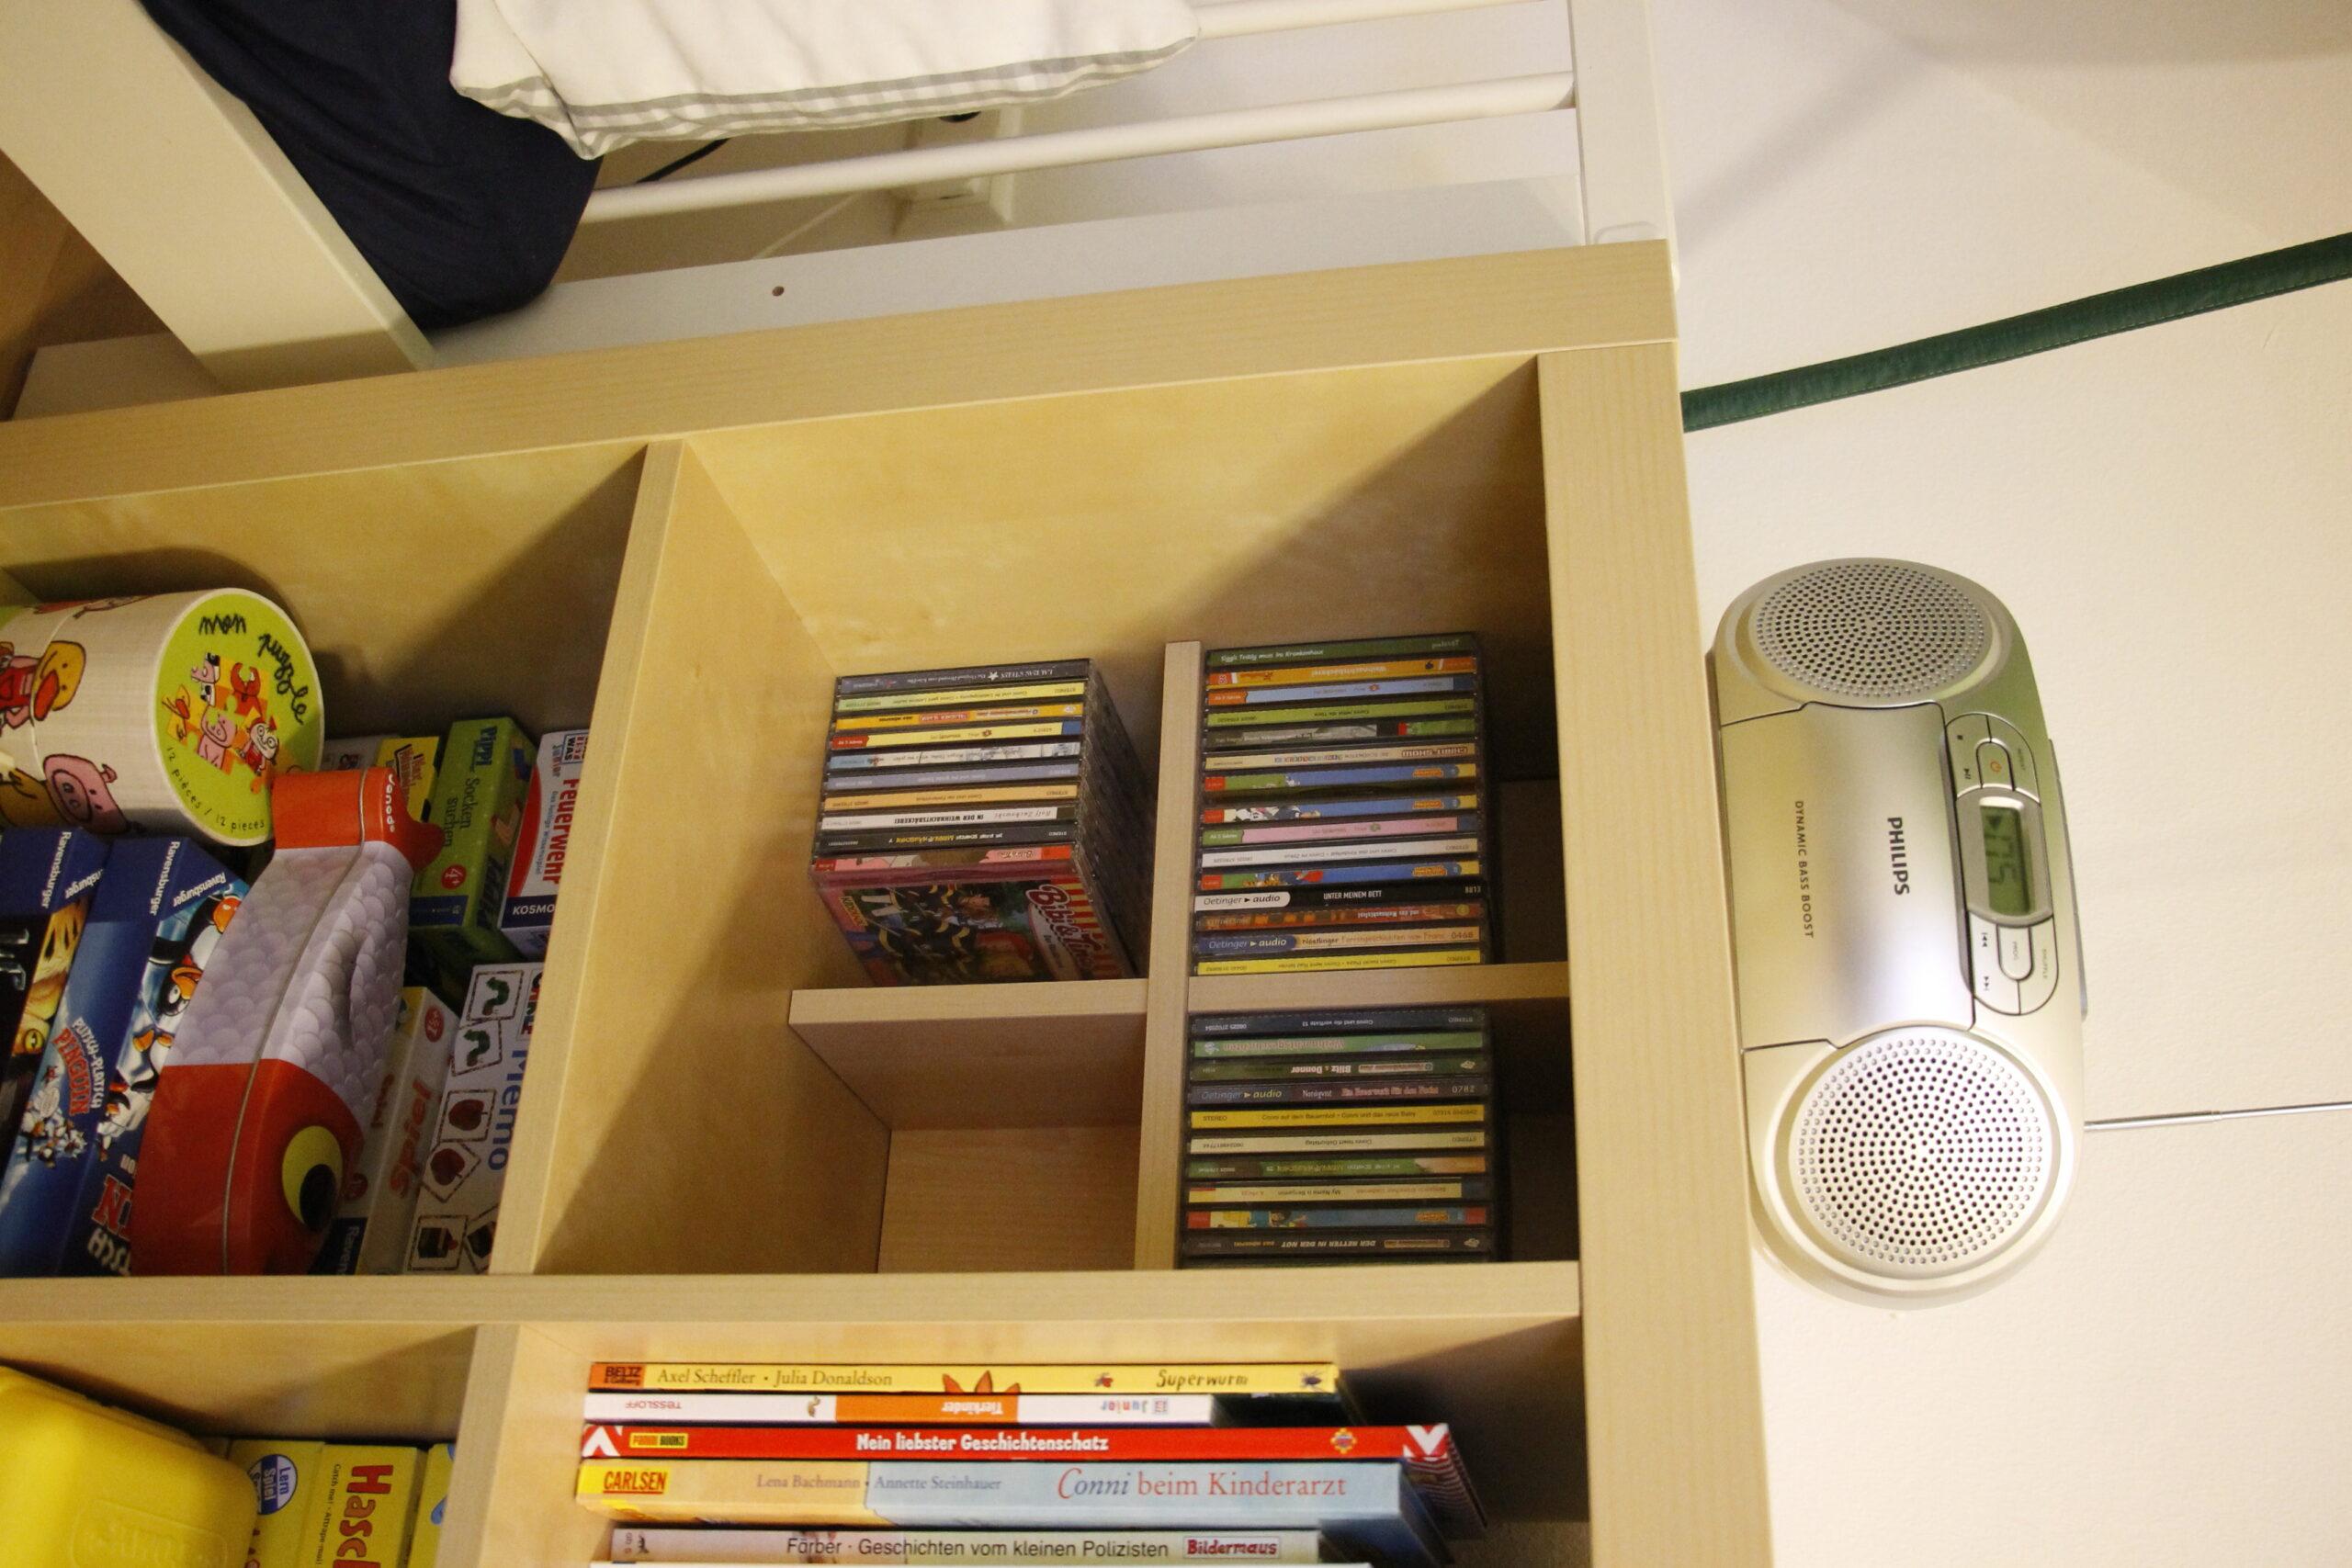 Full Size of Kinderzimmer Aufbewahrung Regal Lidl Ikea Spielzeug Aufbewahrungssysteme Aufbewahrungskorb Rosa Aufbewahrungsbox Gebraucht Aufbewahrungssystem Ideen Kinderzimmer Kinderzimmer Aufbewahrung